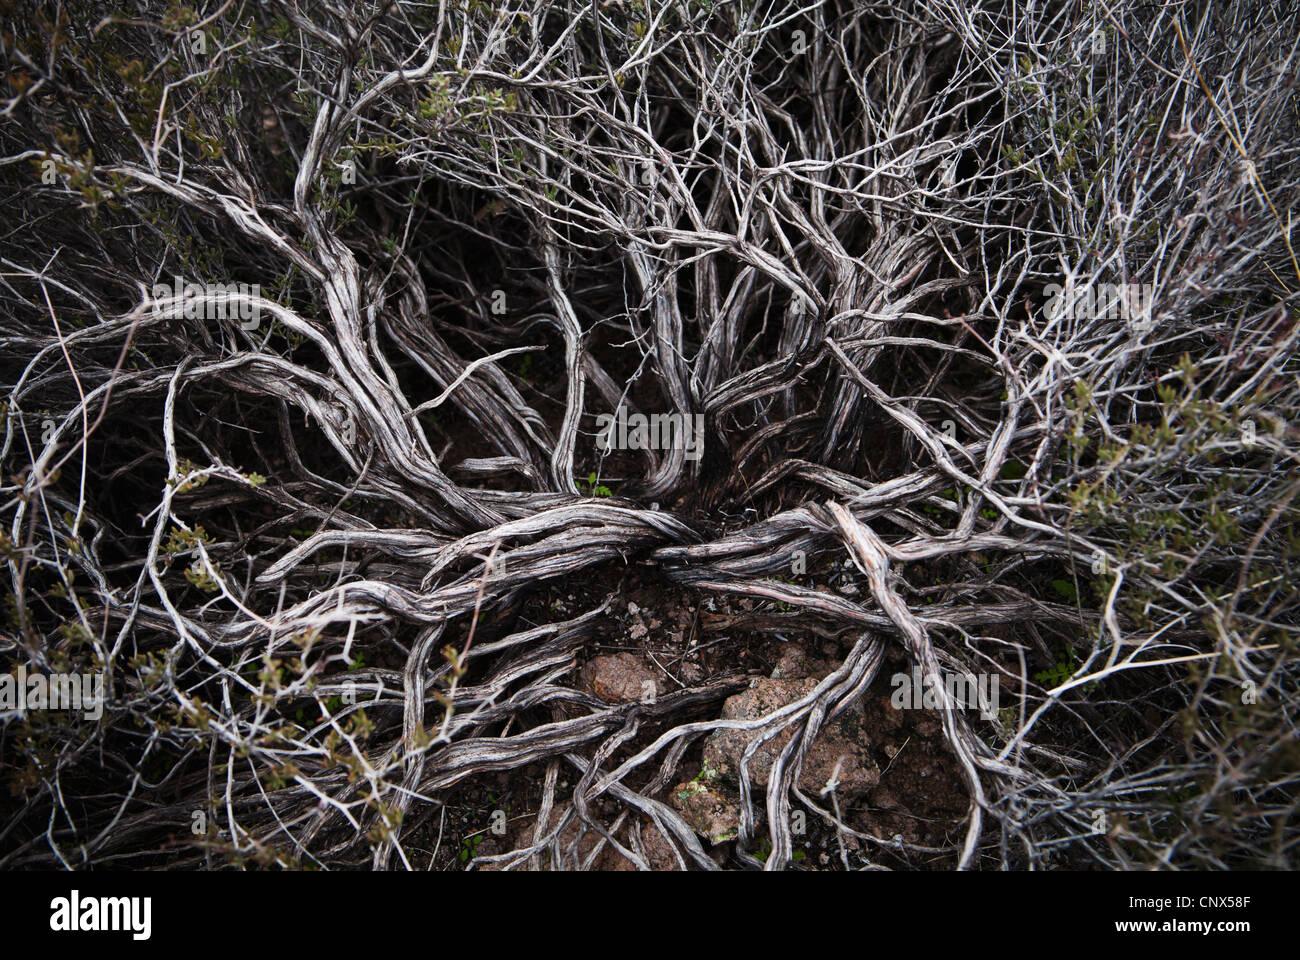 Primo piano dei rami di un arbusto del deserto, Superstition Mountains, Arizona, Stati Uniti. Immagini Stock